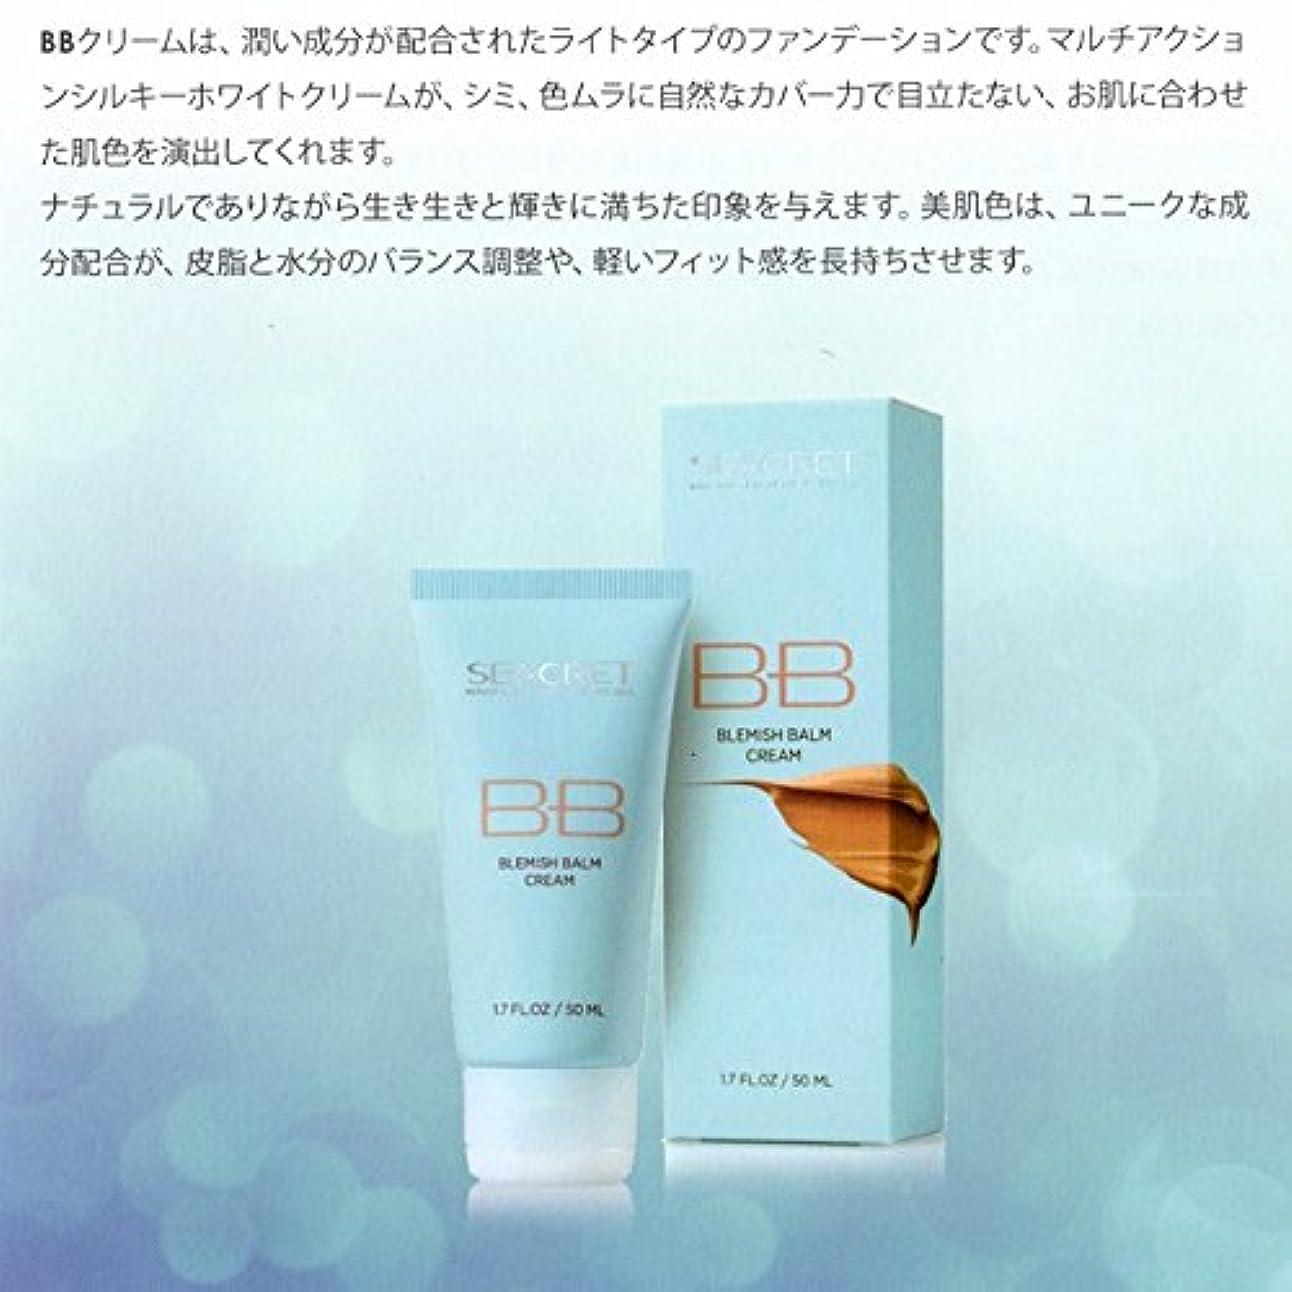 松の木つぶやきかもしれない世界を驚かせた化粧品!SEACRET (シークレット) BBクリーム Blemish Balm Cream